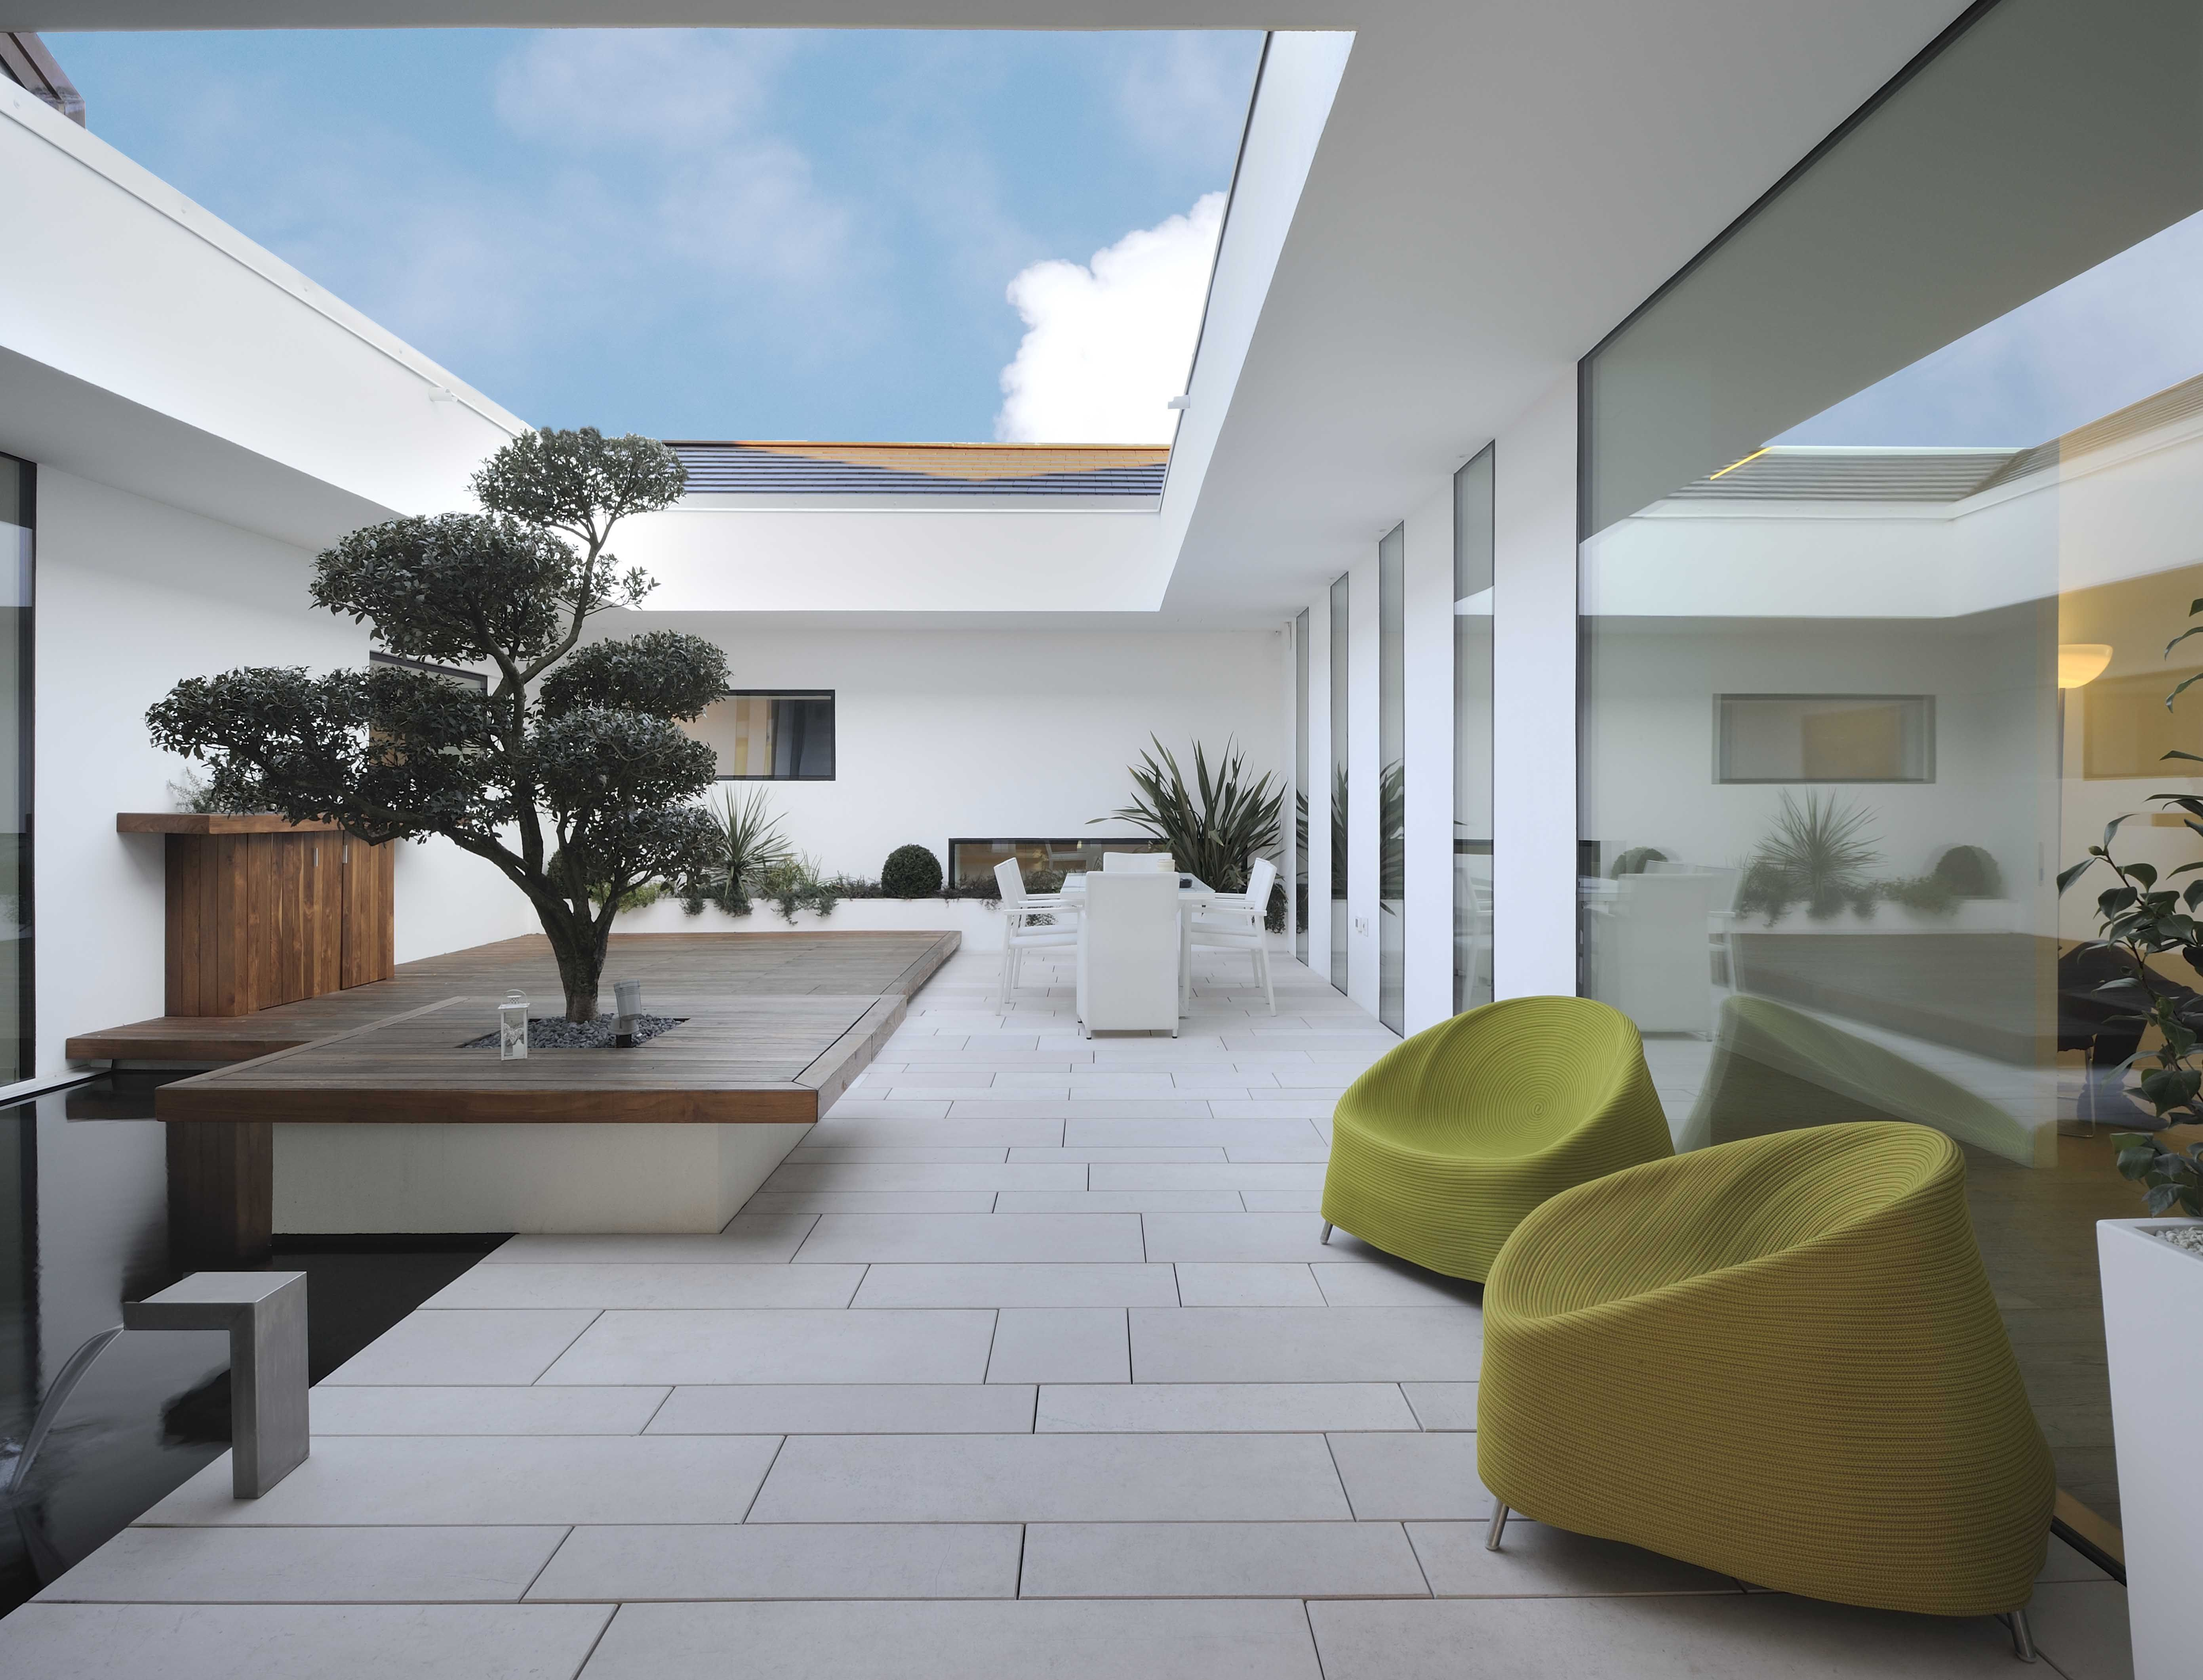 Vimar casa Rovigo con la domotica By-me. Patio e la serie Eikon Evo ...